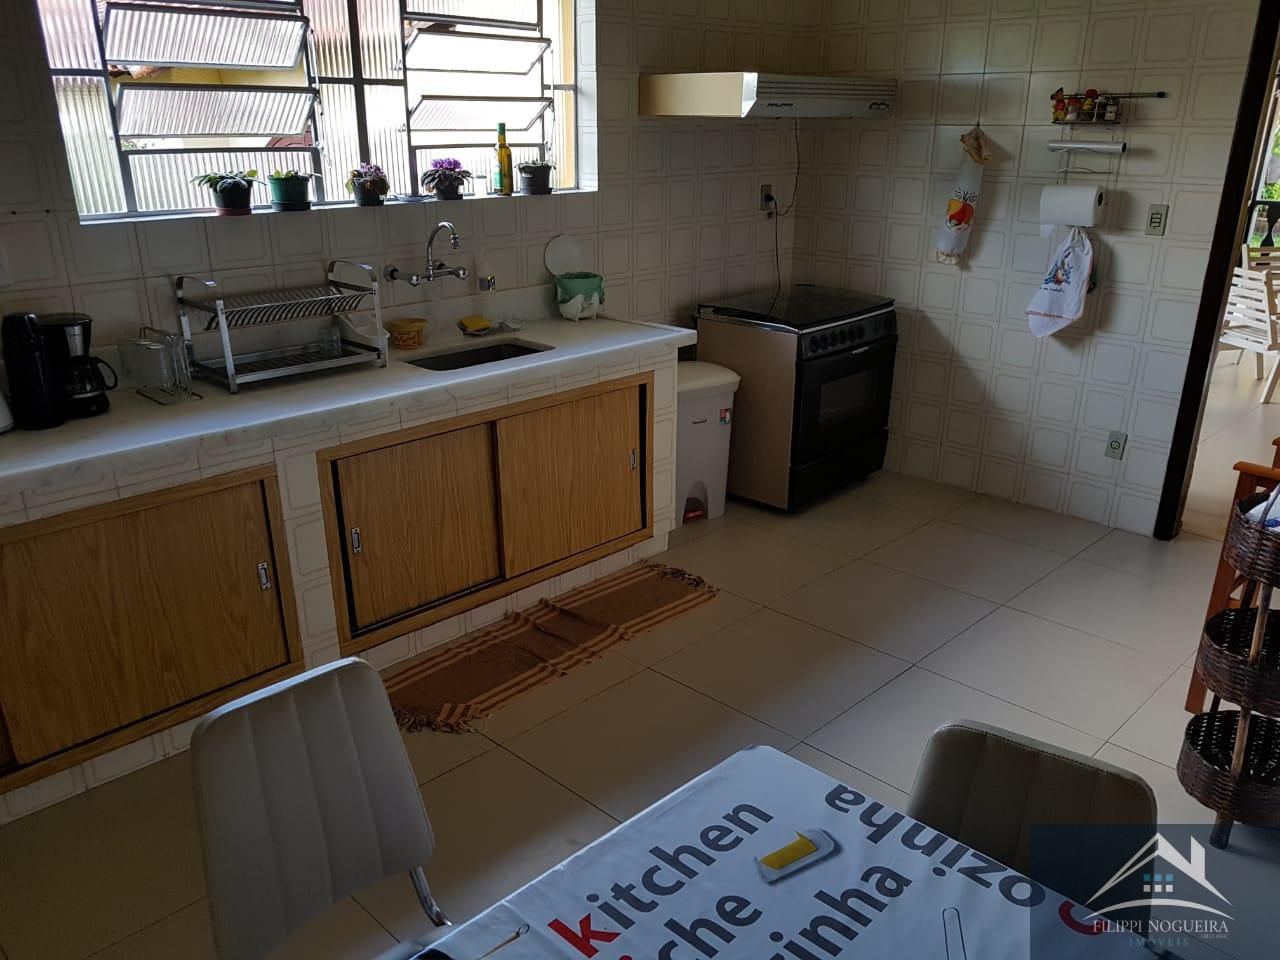 Excelente imóvel com 6 quartos e piscina na Vila Suissa. - csvl - 39